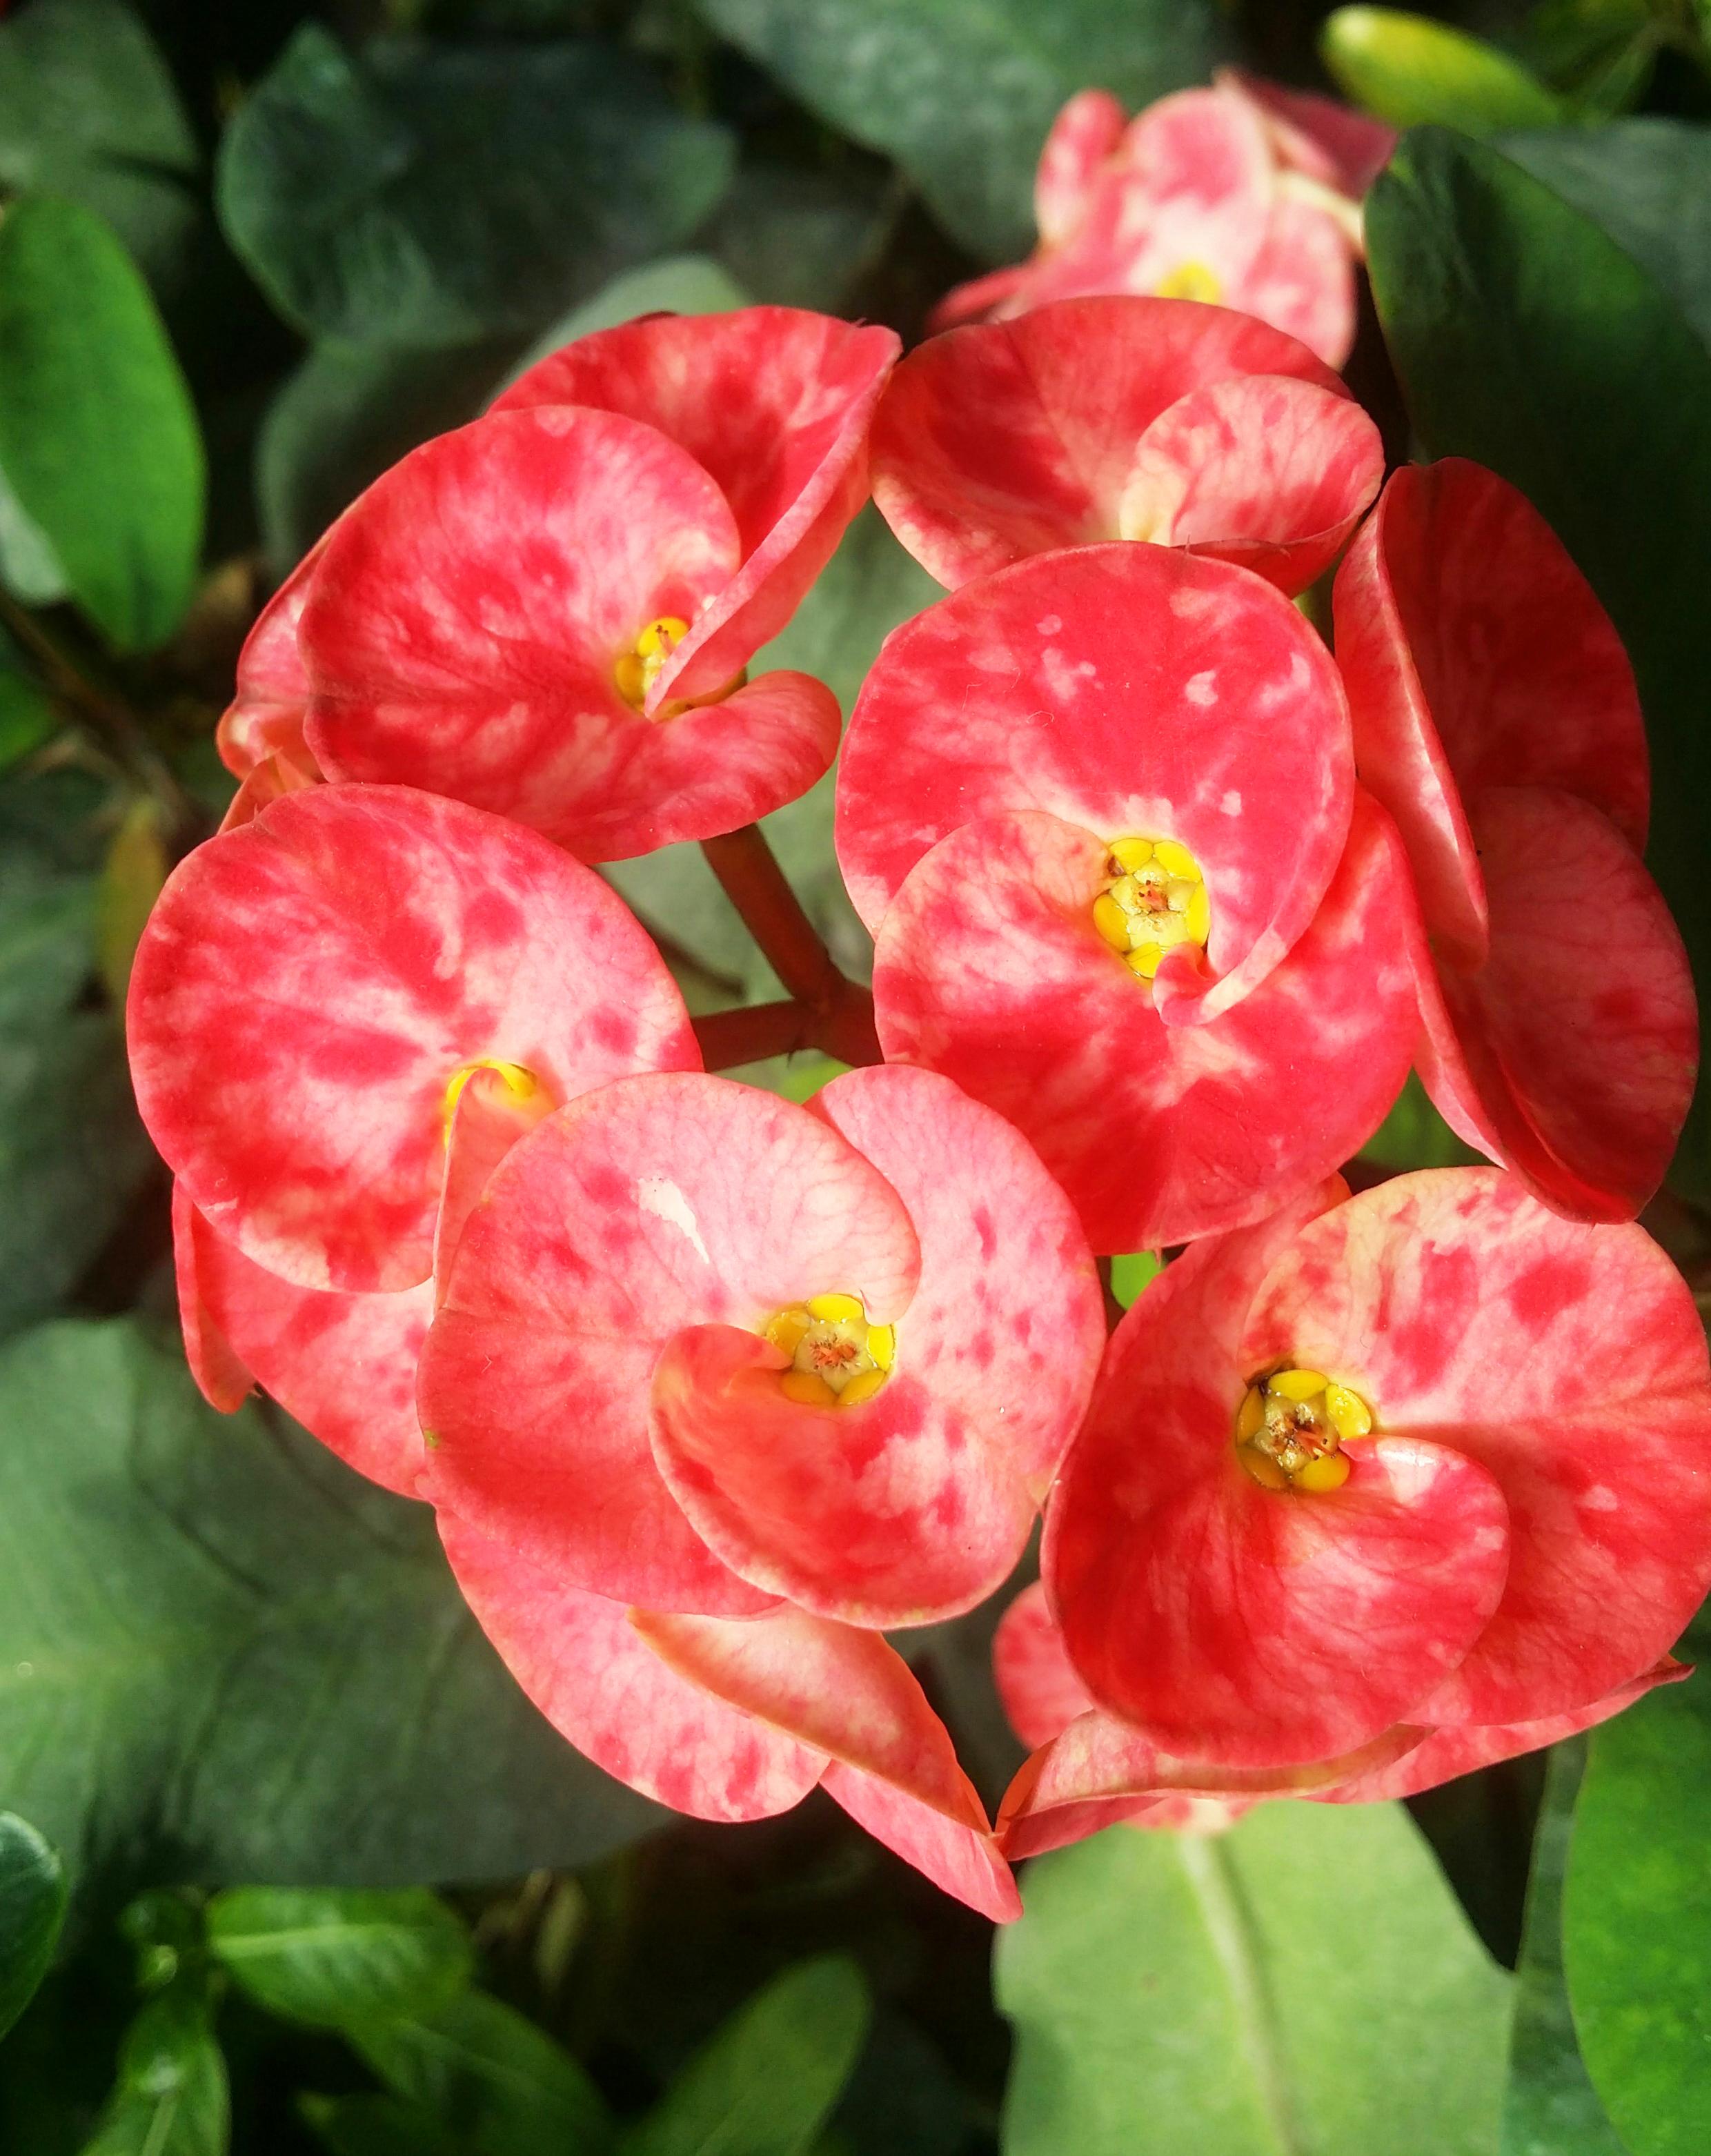 Free Images Floral Nature Background Flower Summer Pattern Colorful Card Spring Decoration Color Art Design Garden Illustration Water